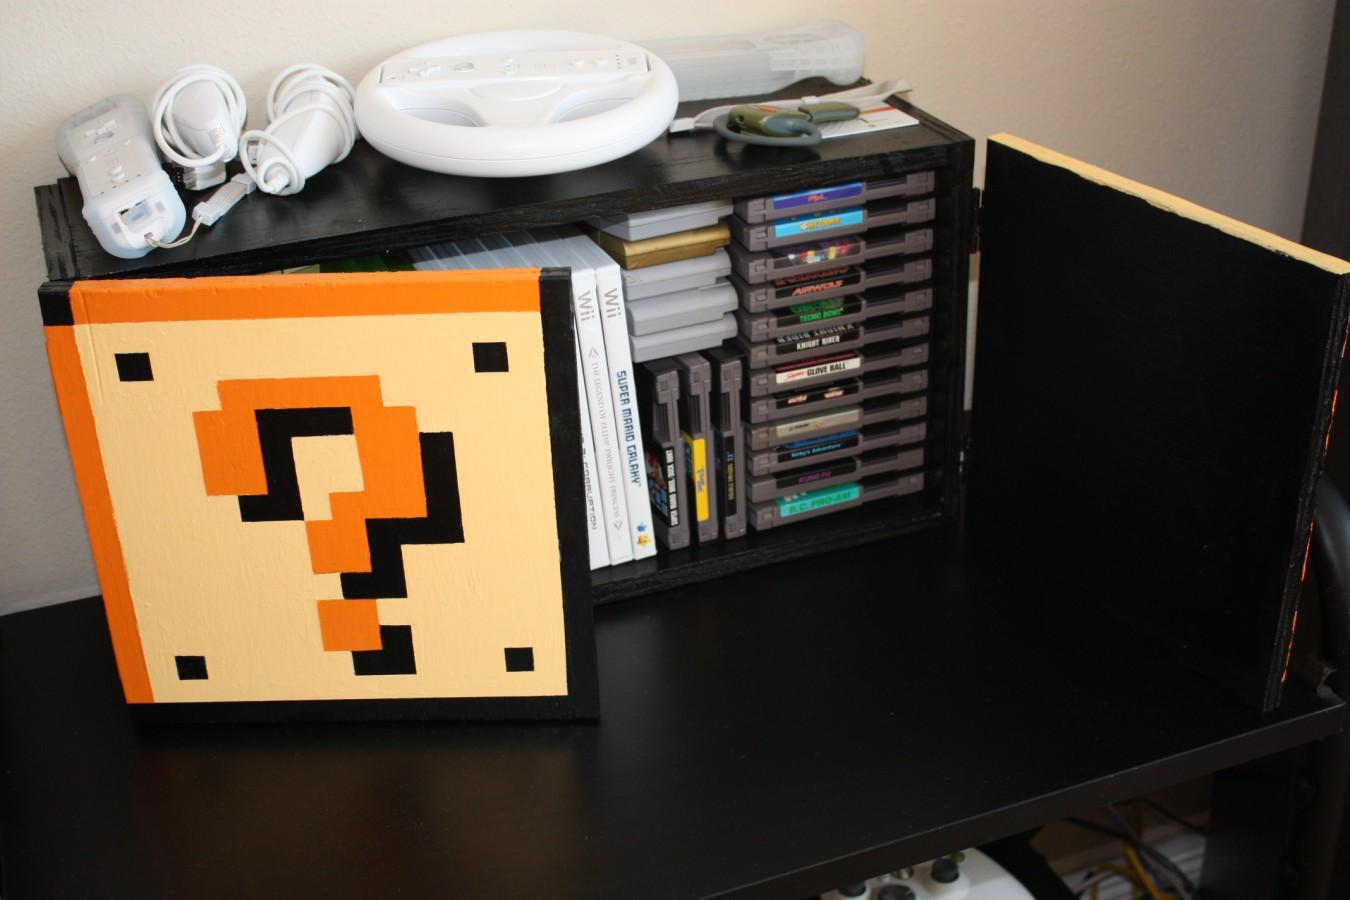 Akb Bricogamer V Guarda Juegos Cd S De Mario Block # Muebles Para Poner Xbox